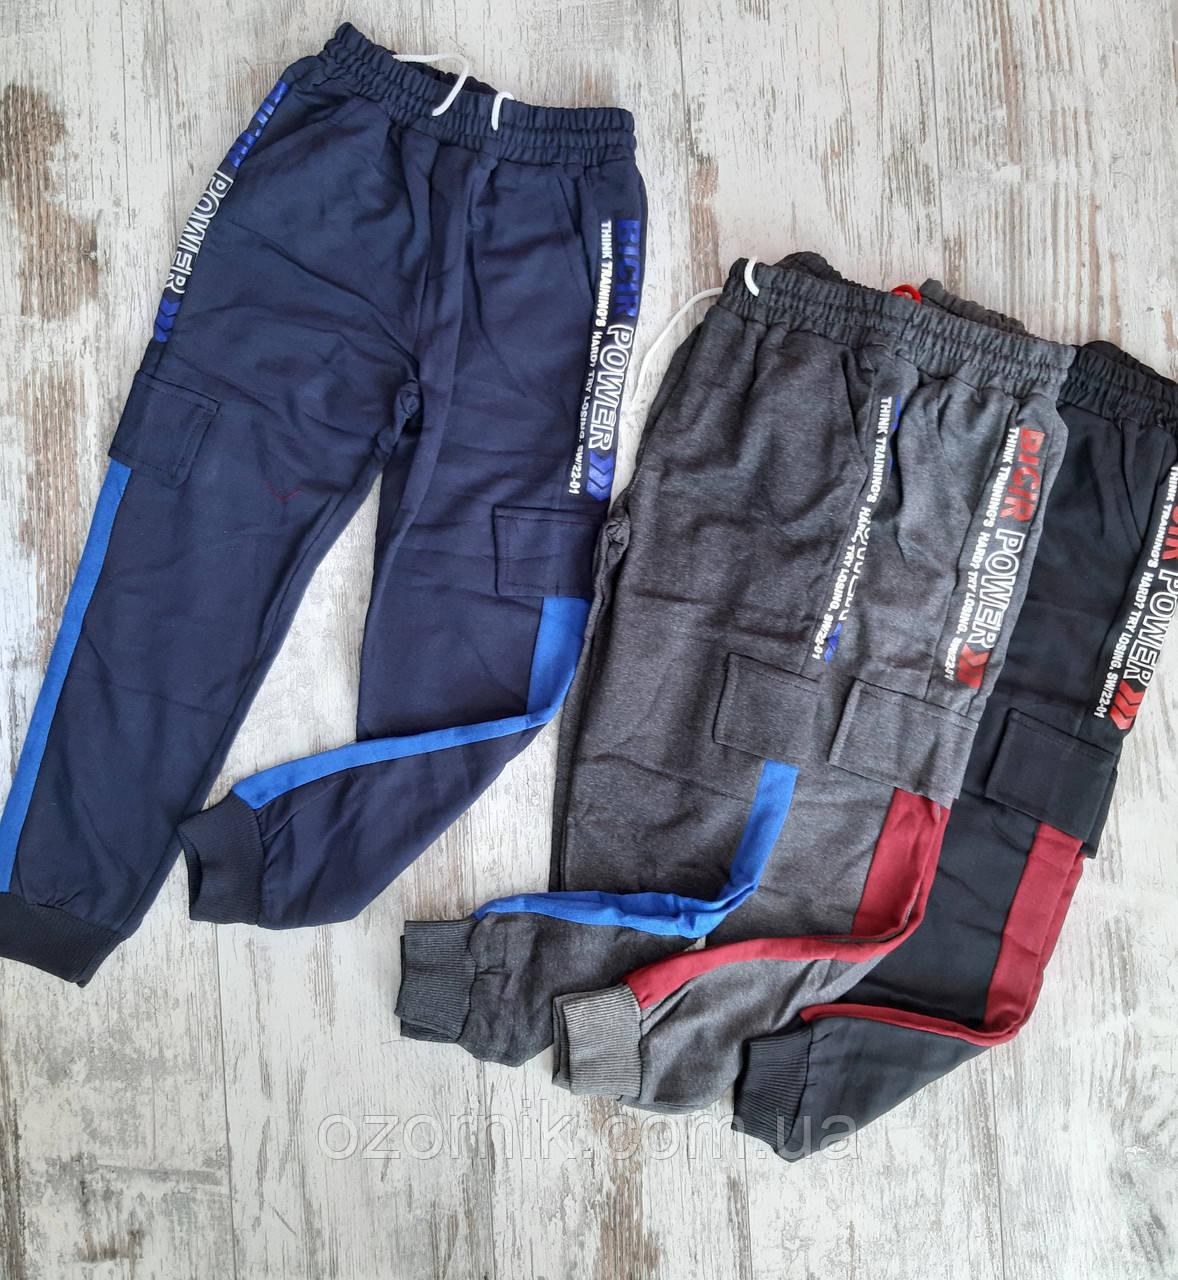 спорт штани дитячі кишені